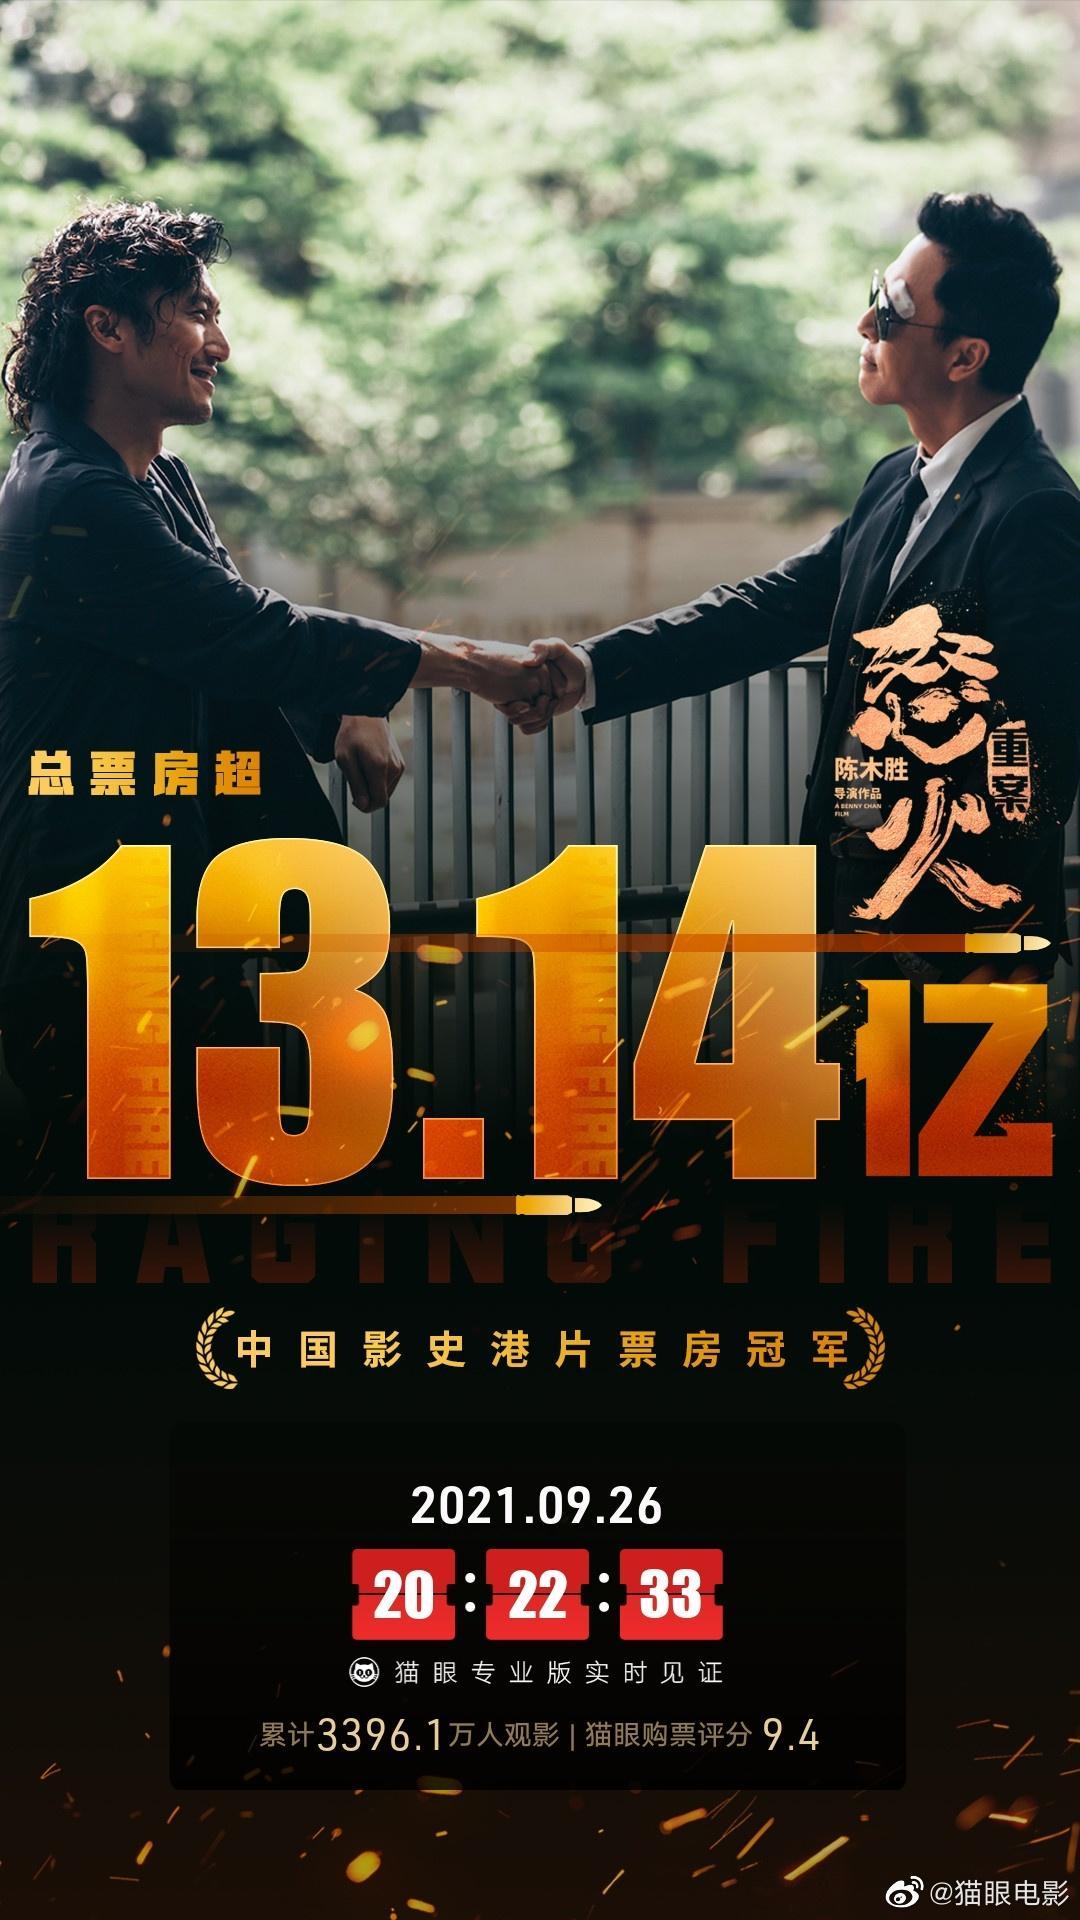 《怒火·重案》夺影史港片票房冠军,谢霆锋:导演,我们做到了!